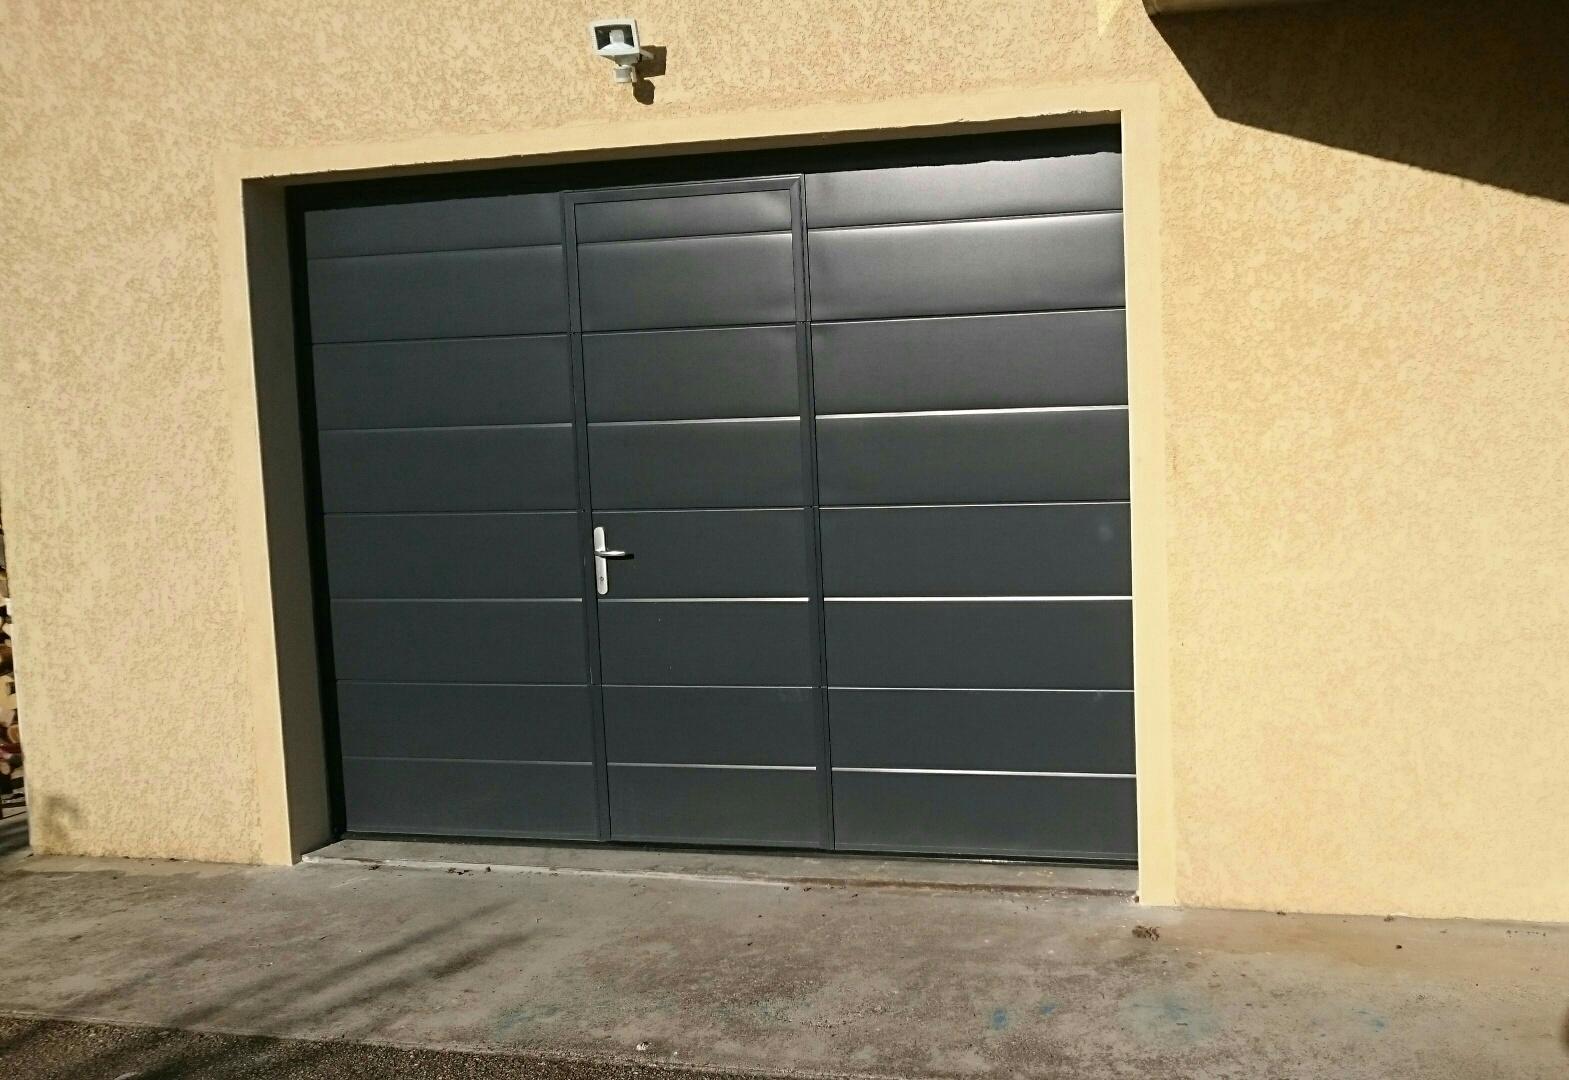 4 choses à vérifier avant l'achat d'une porte de garage sectionnelle RAL 7016